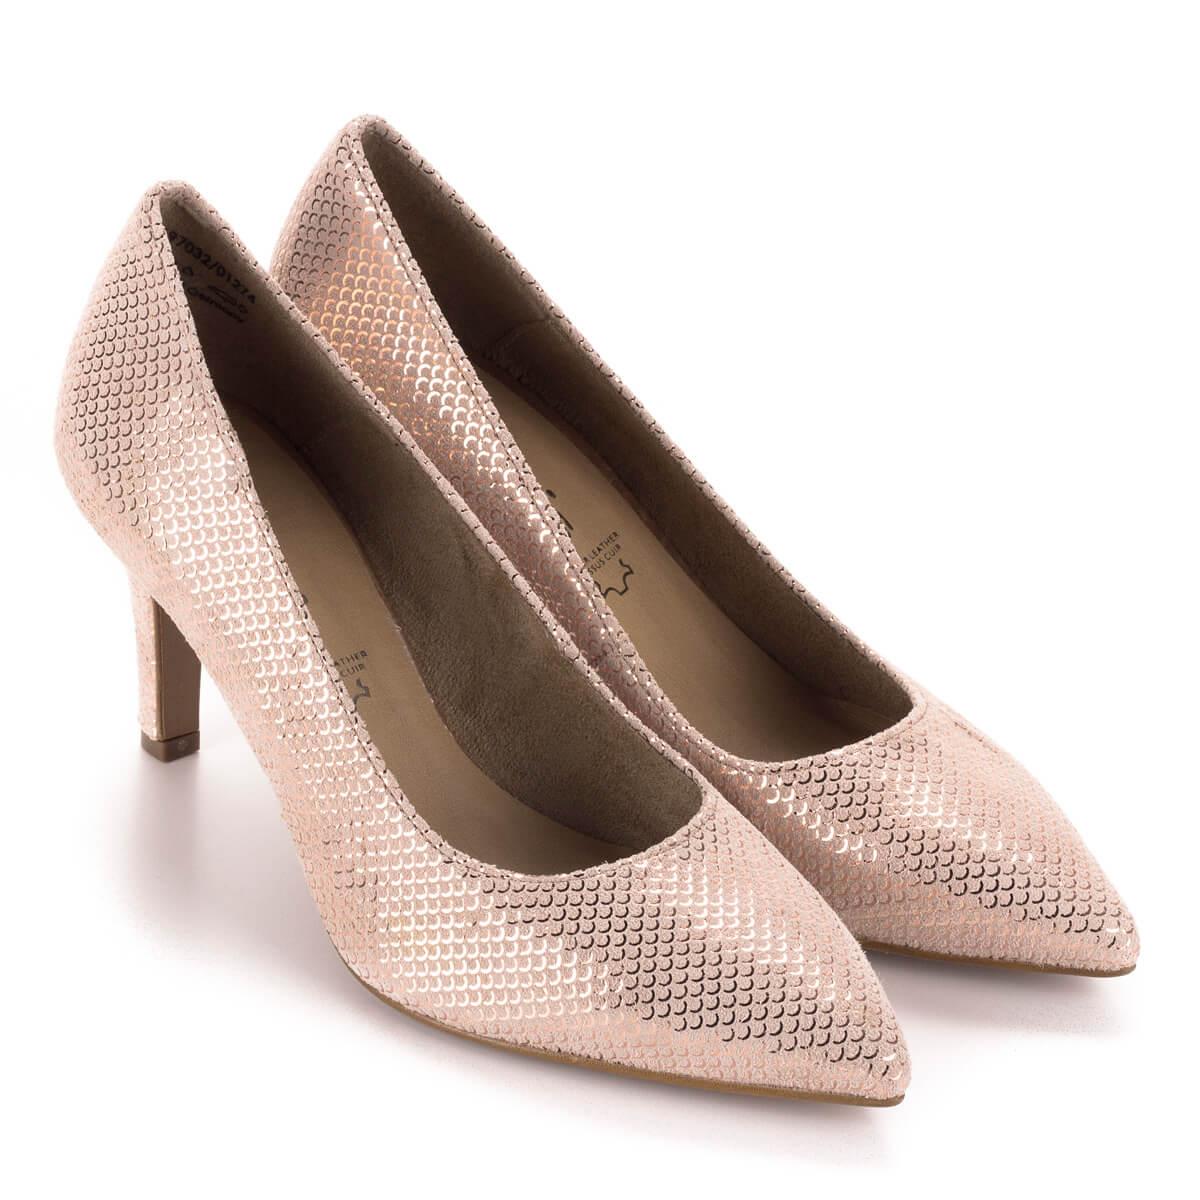 Tamaris rózsaszín alkalmi cipő strukturált bőrből. A cipő felületét apró  sorminta díszíti 39d640dbf9